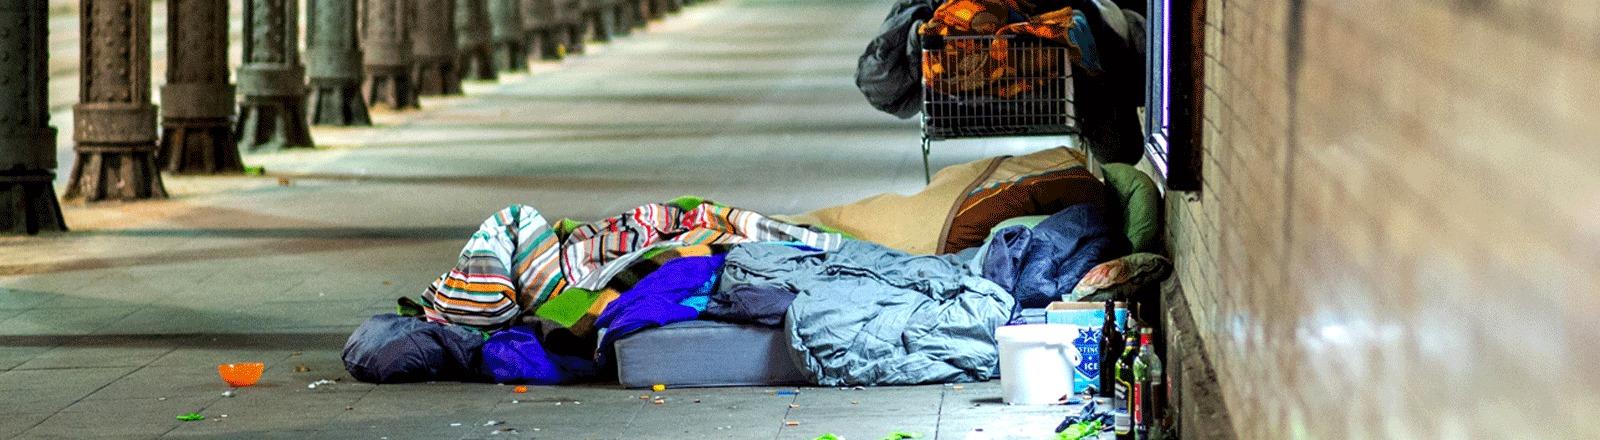 Wohnungslose Frau schläft unter einer Brücke.